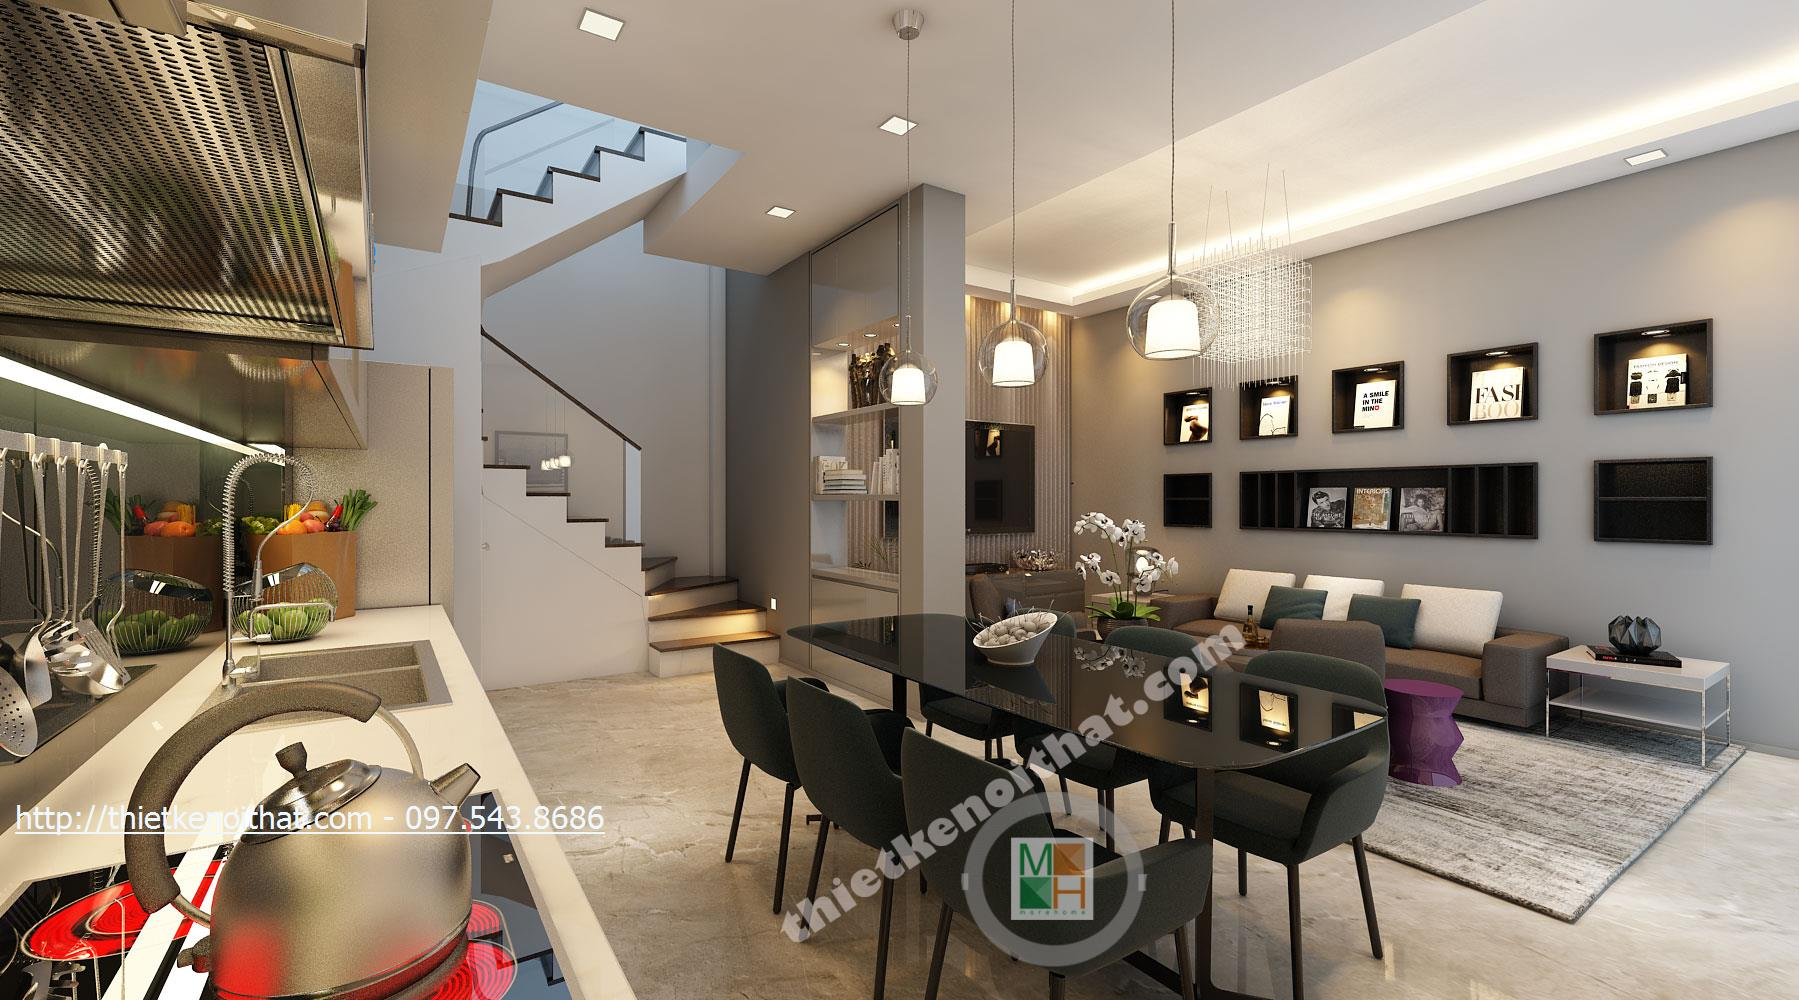 Thiết kế nội thất nhà phố hiện đại, đẹp, trẻ trung- Nhà chị Chi